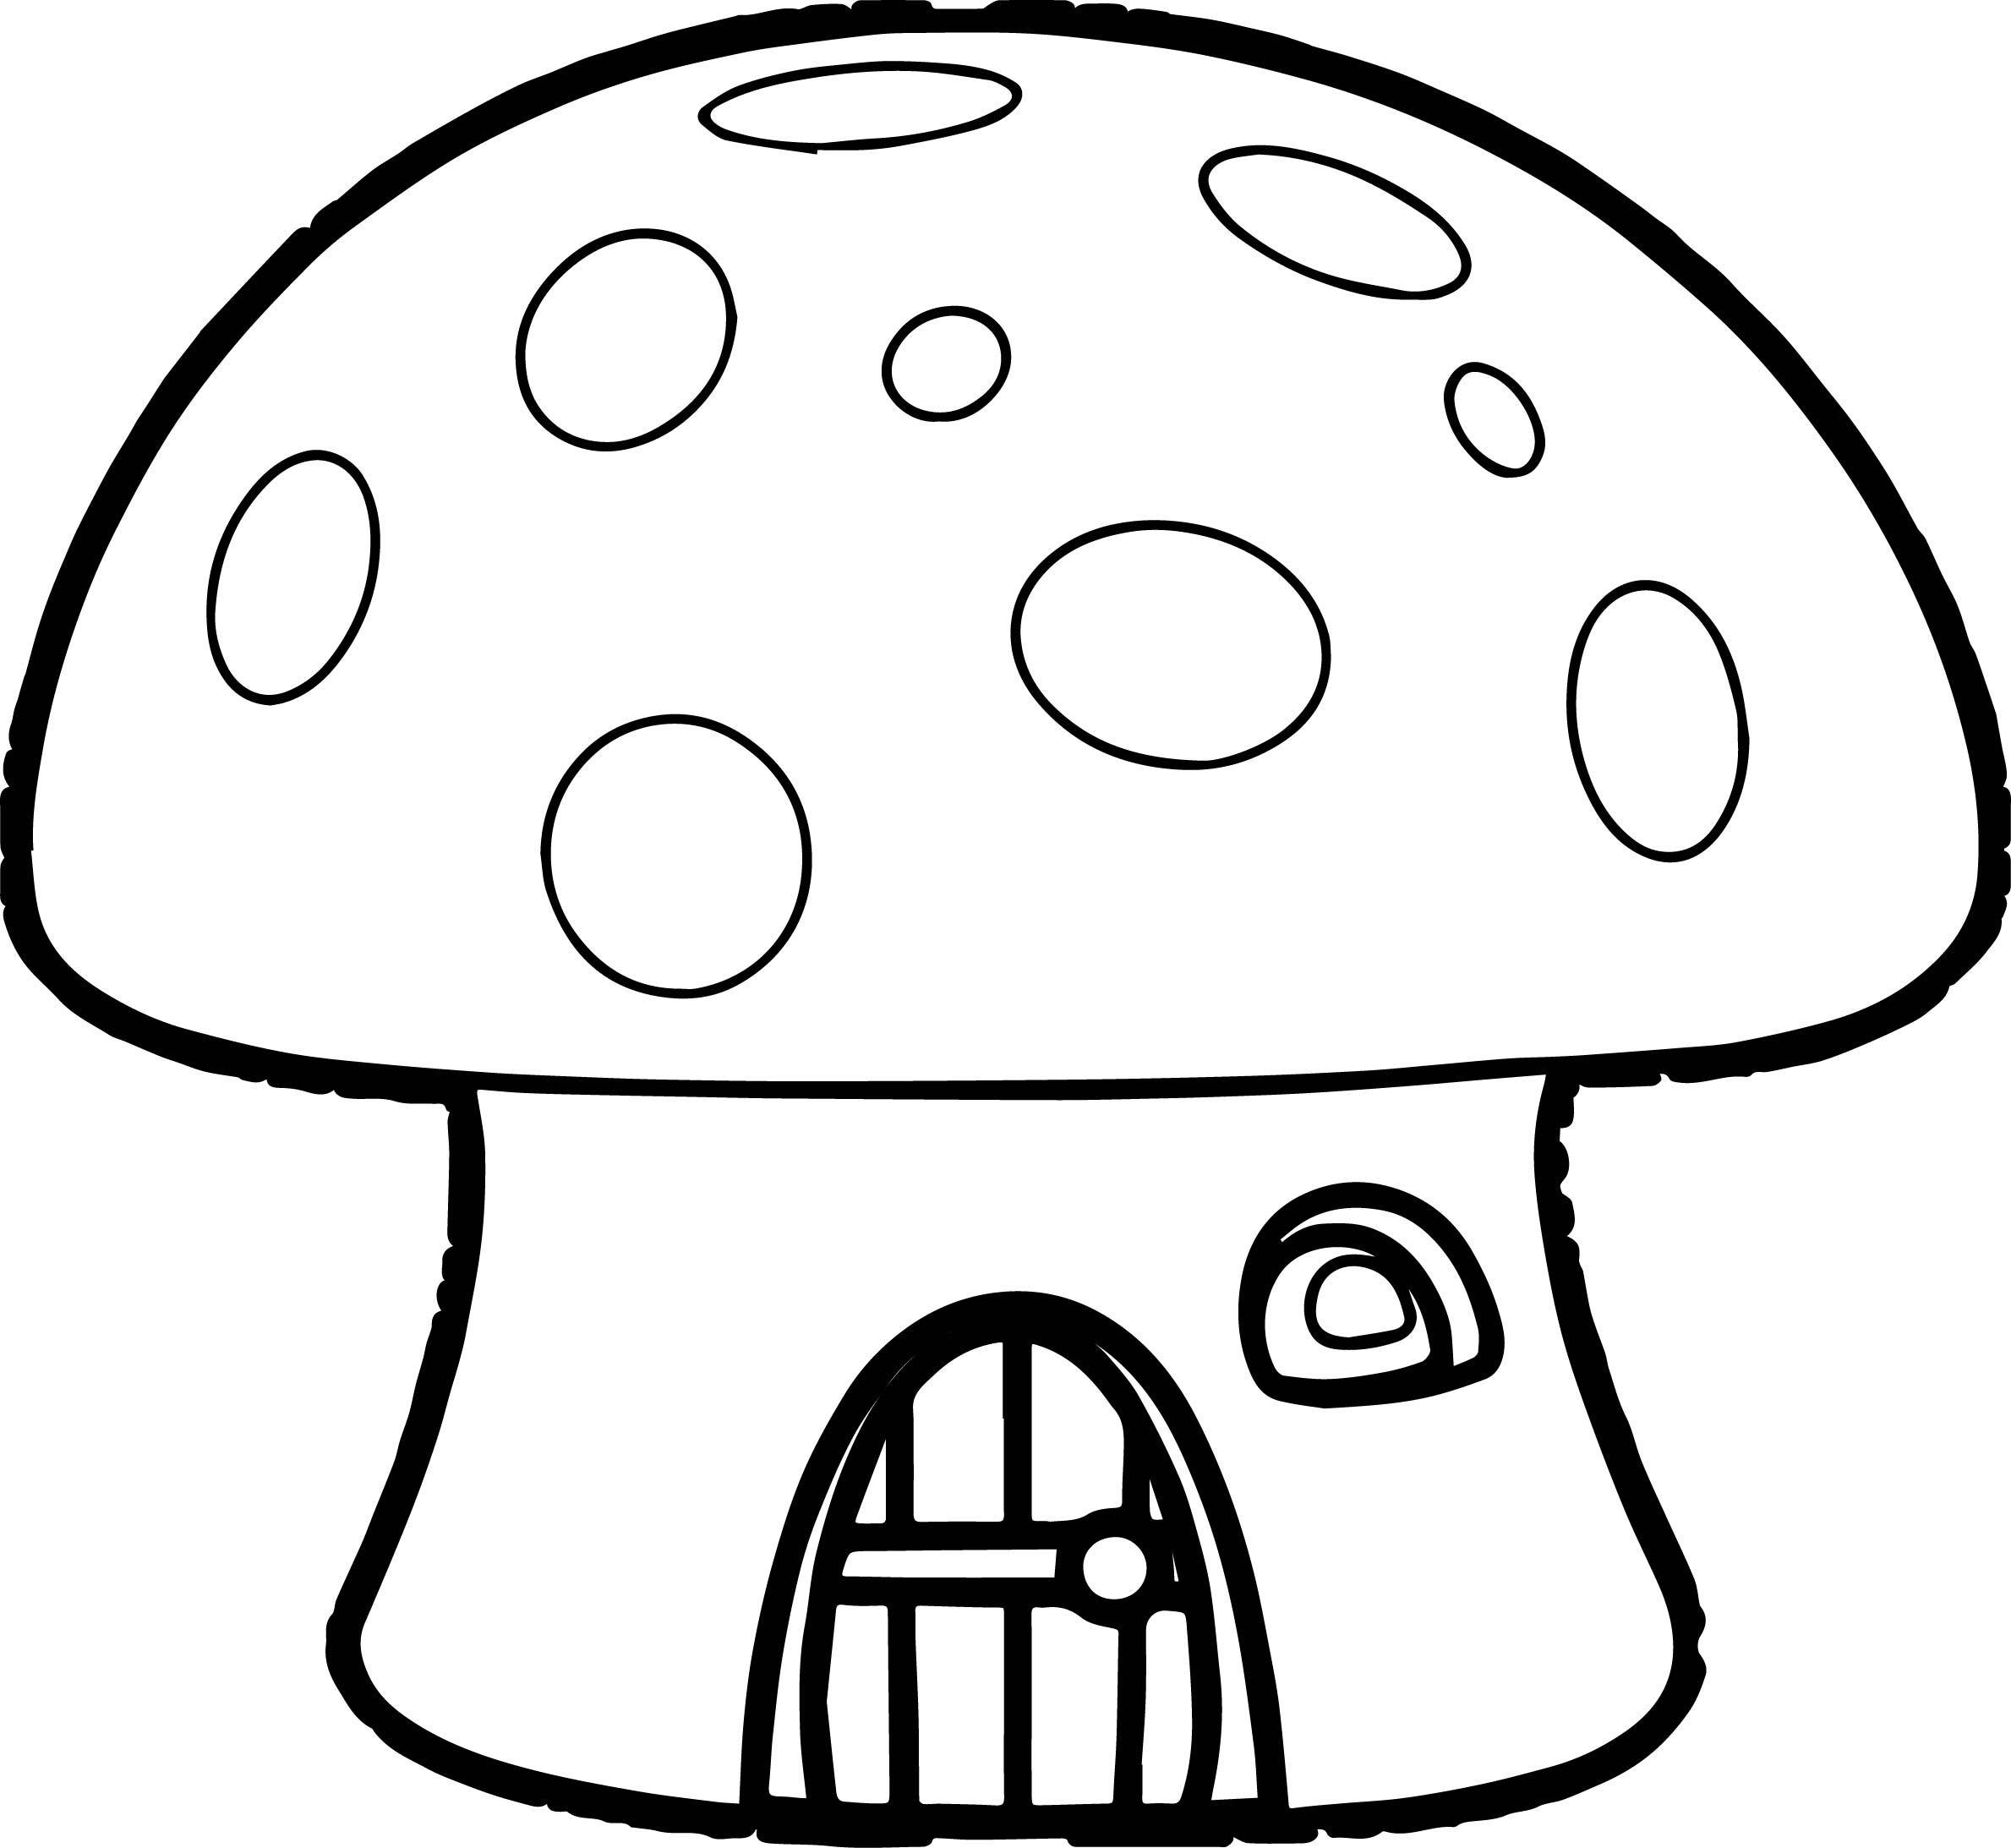 Nice orange mushroom house smurf coloring page